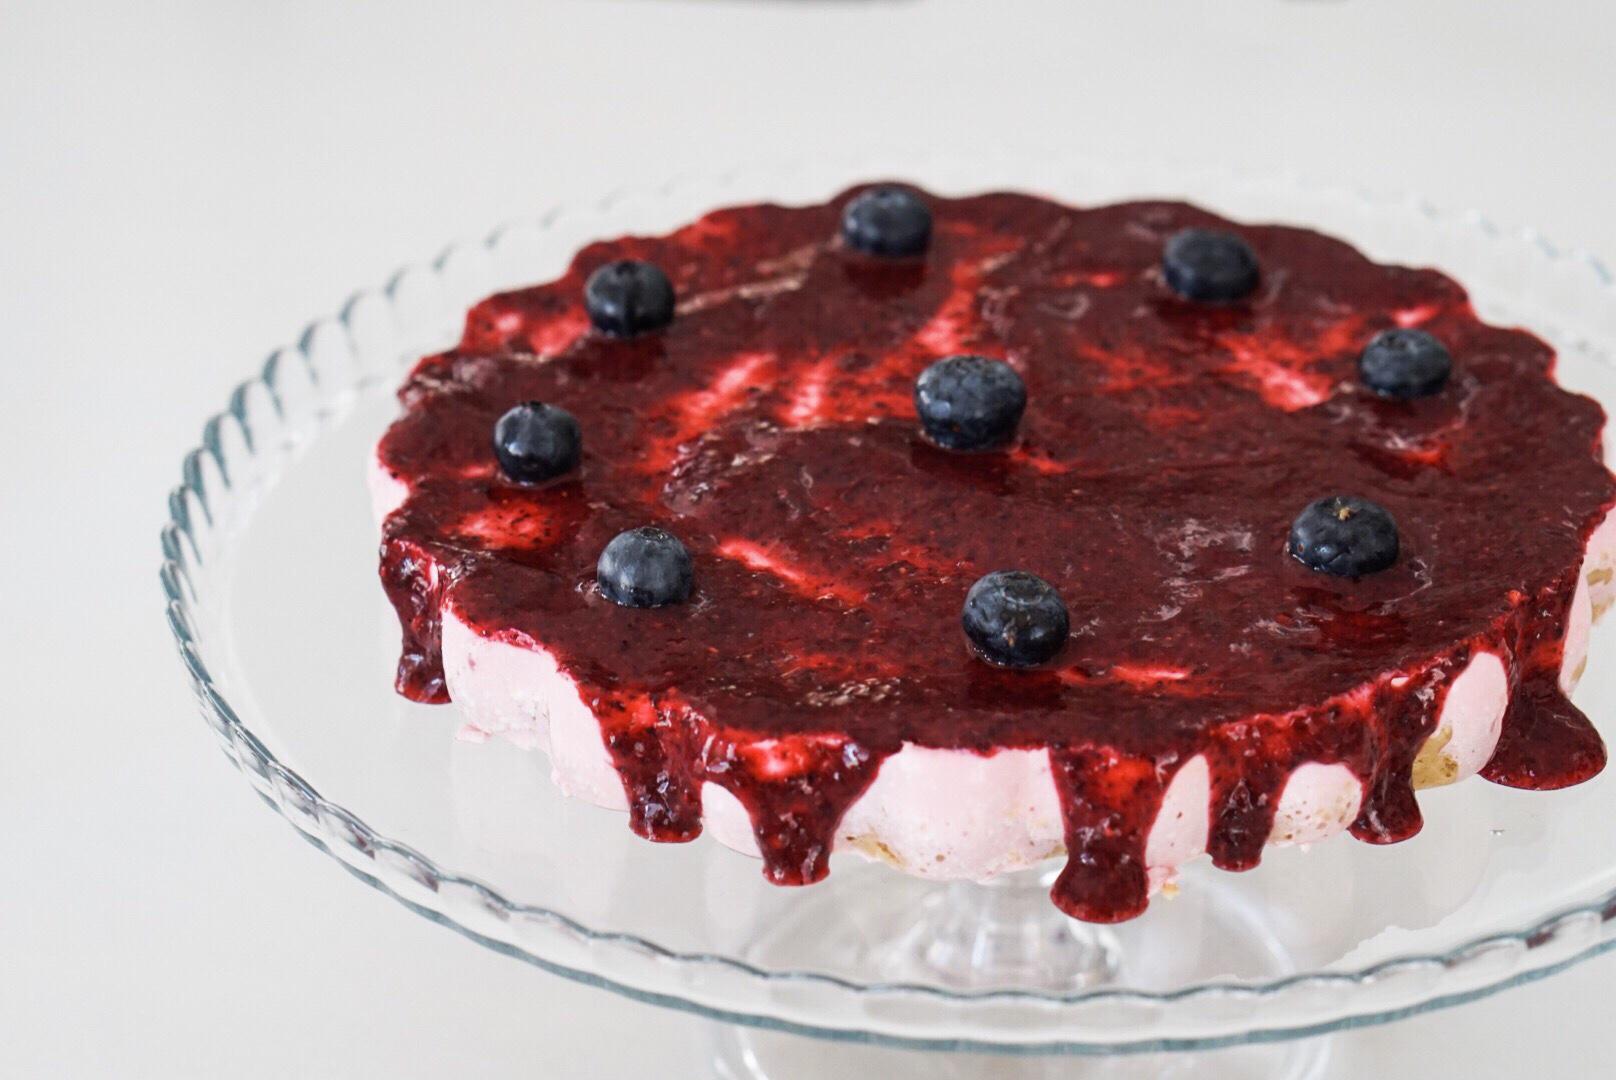 Vejam também a receita do meu Cheesecake de Frutos Vermelhos